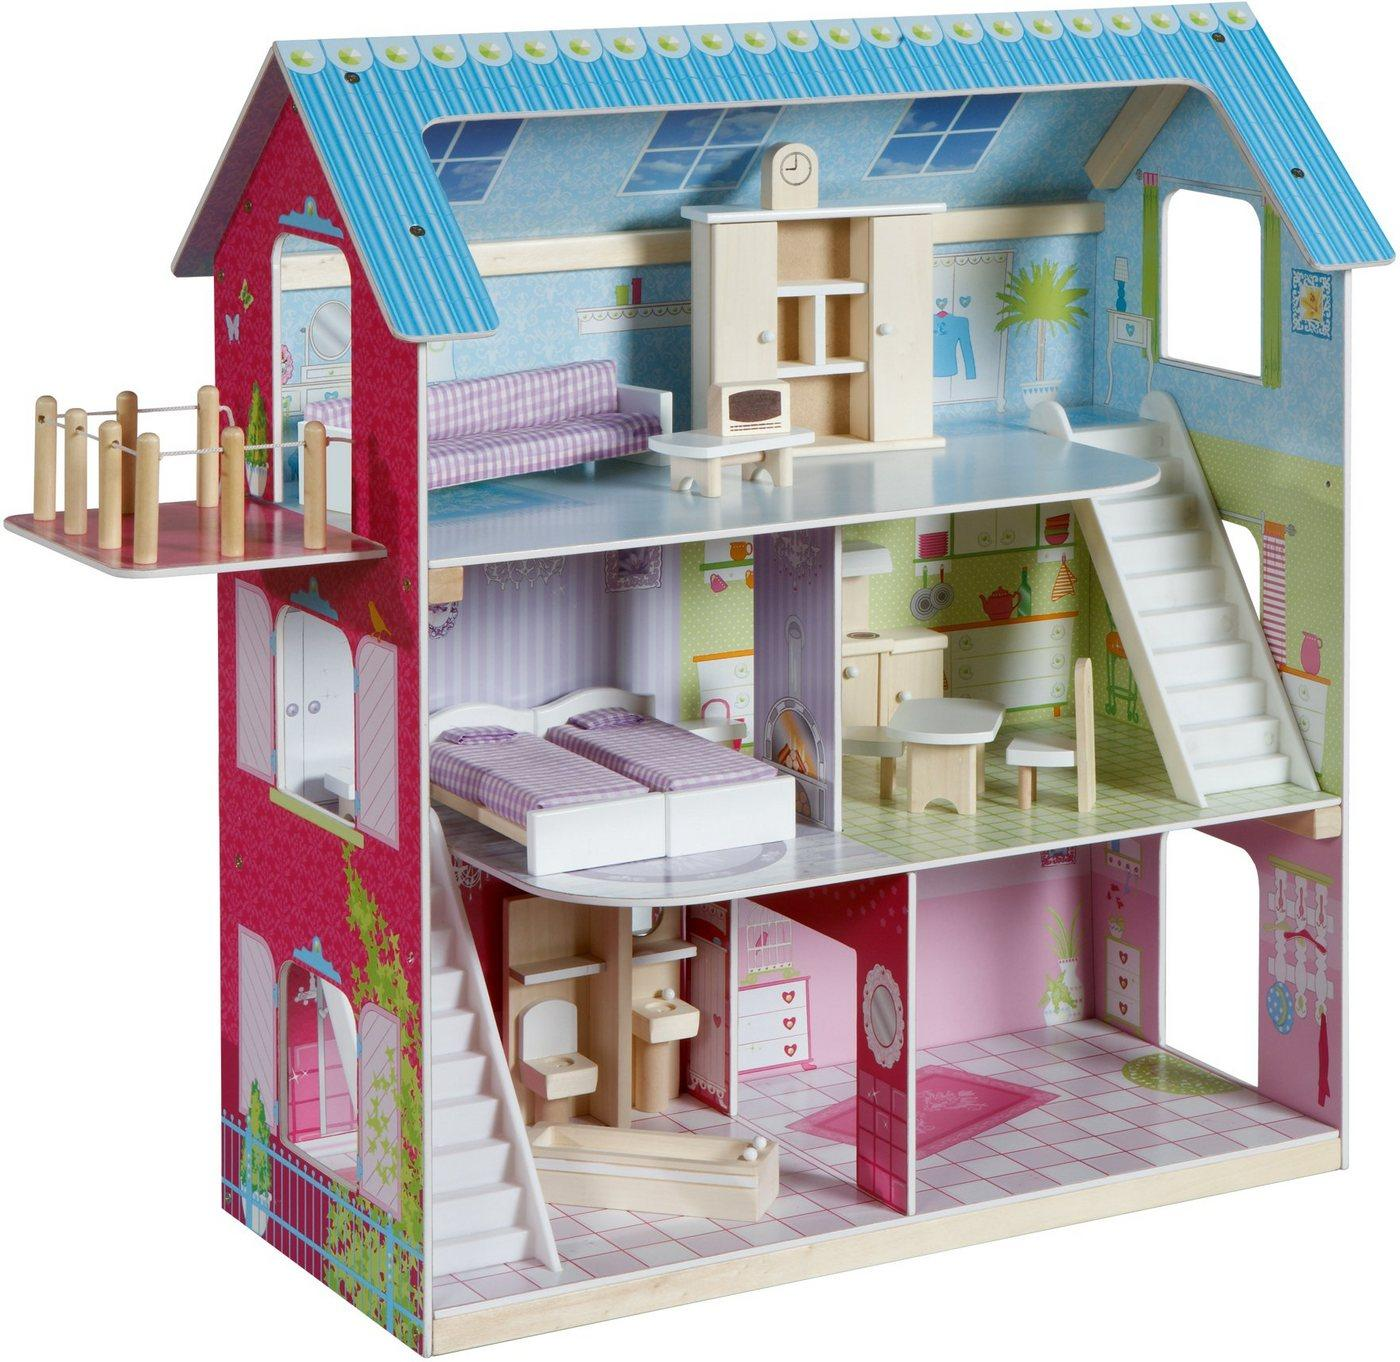 roba® Puppenhaus »Puppenvilla«, inkl. 16 Puppenmöbel